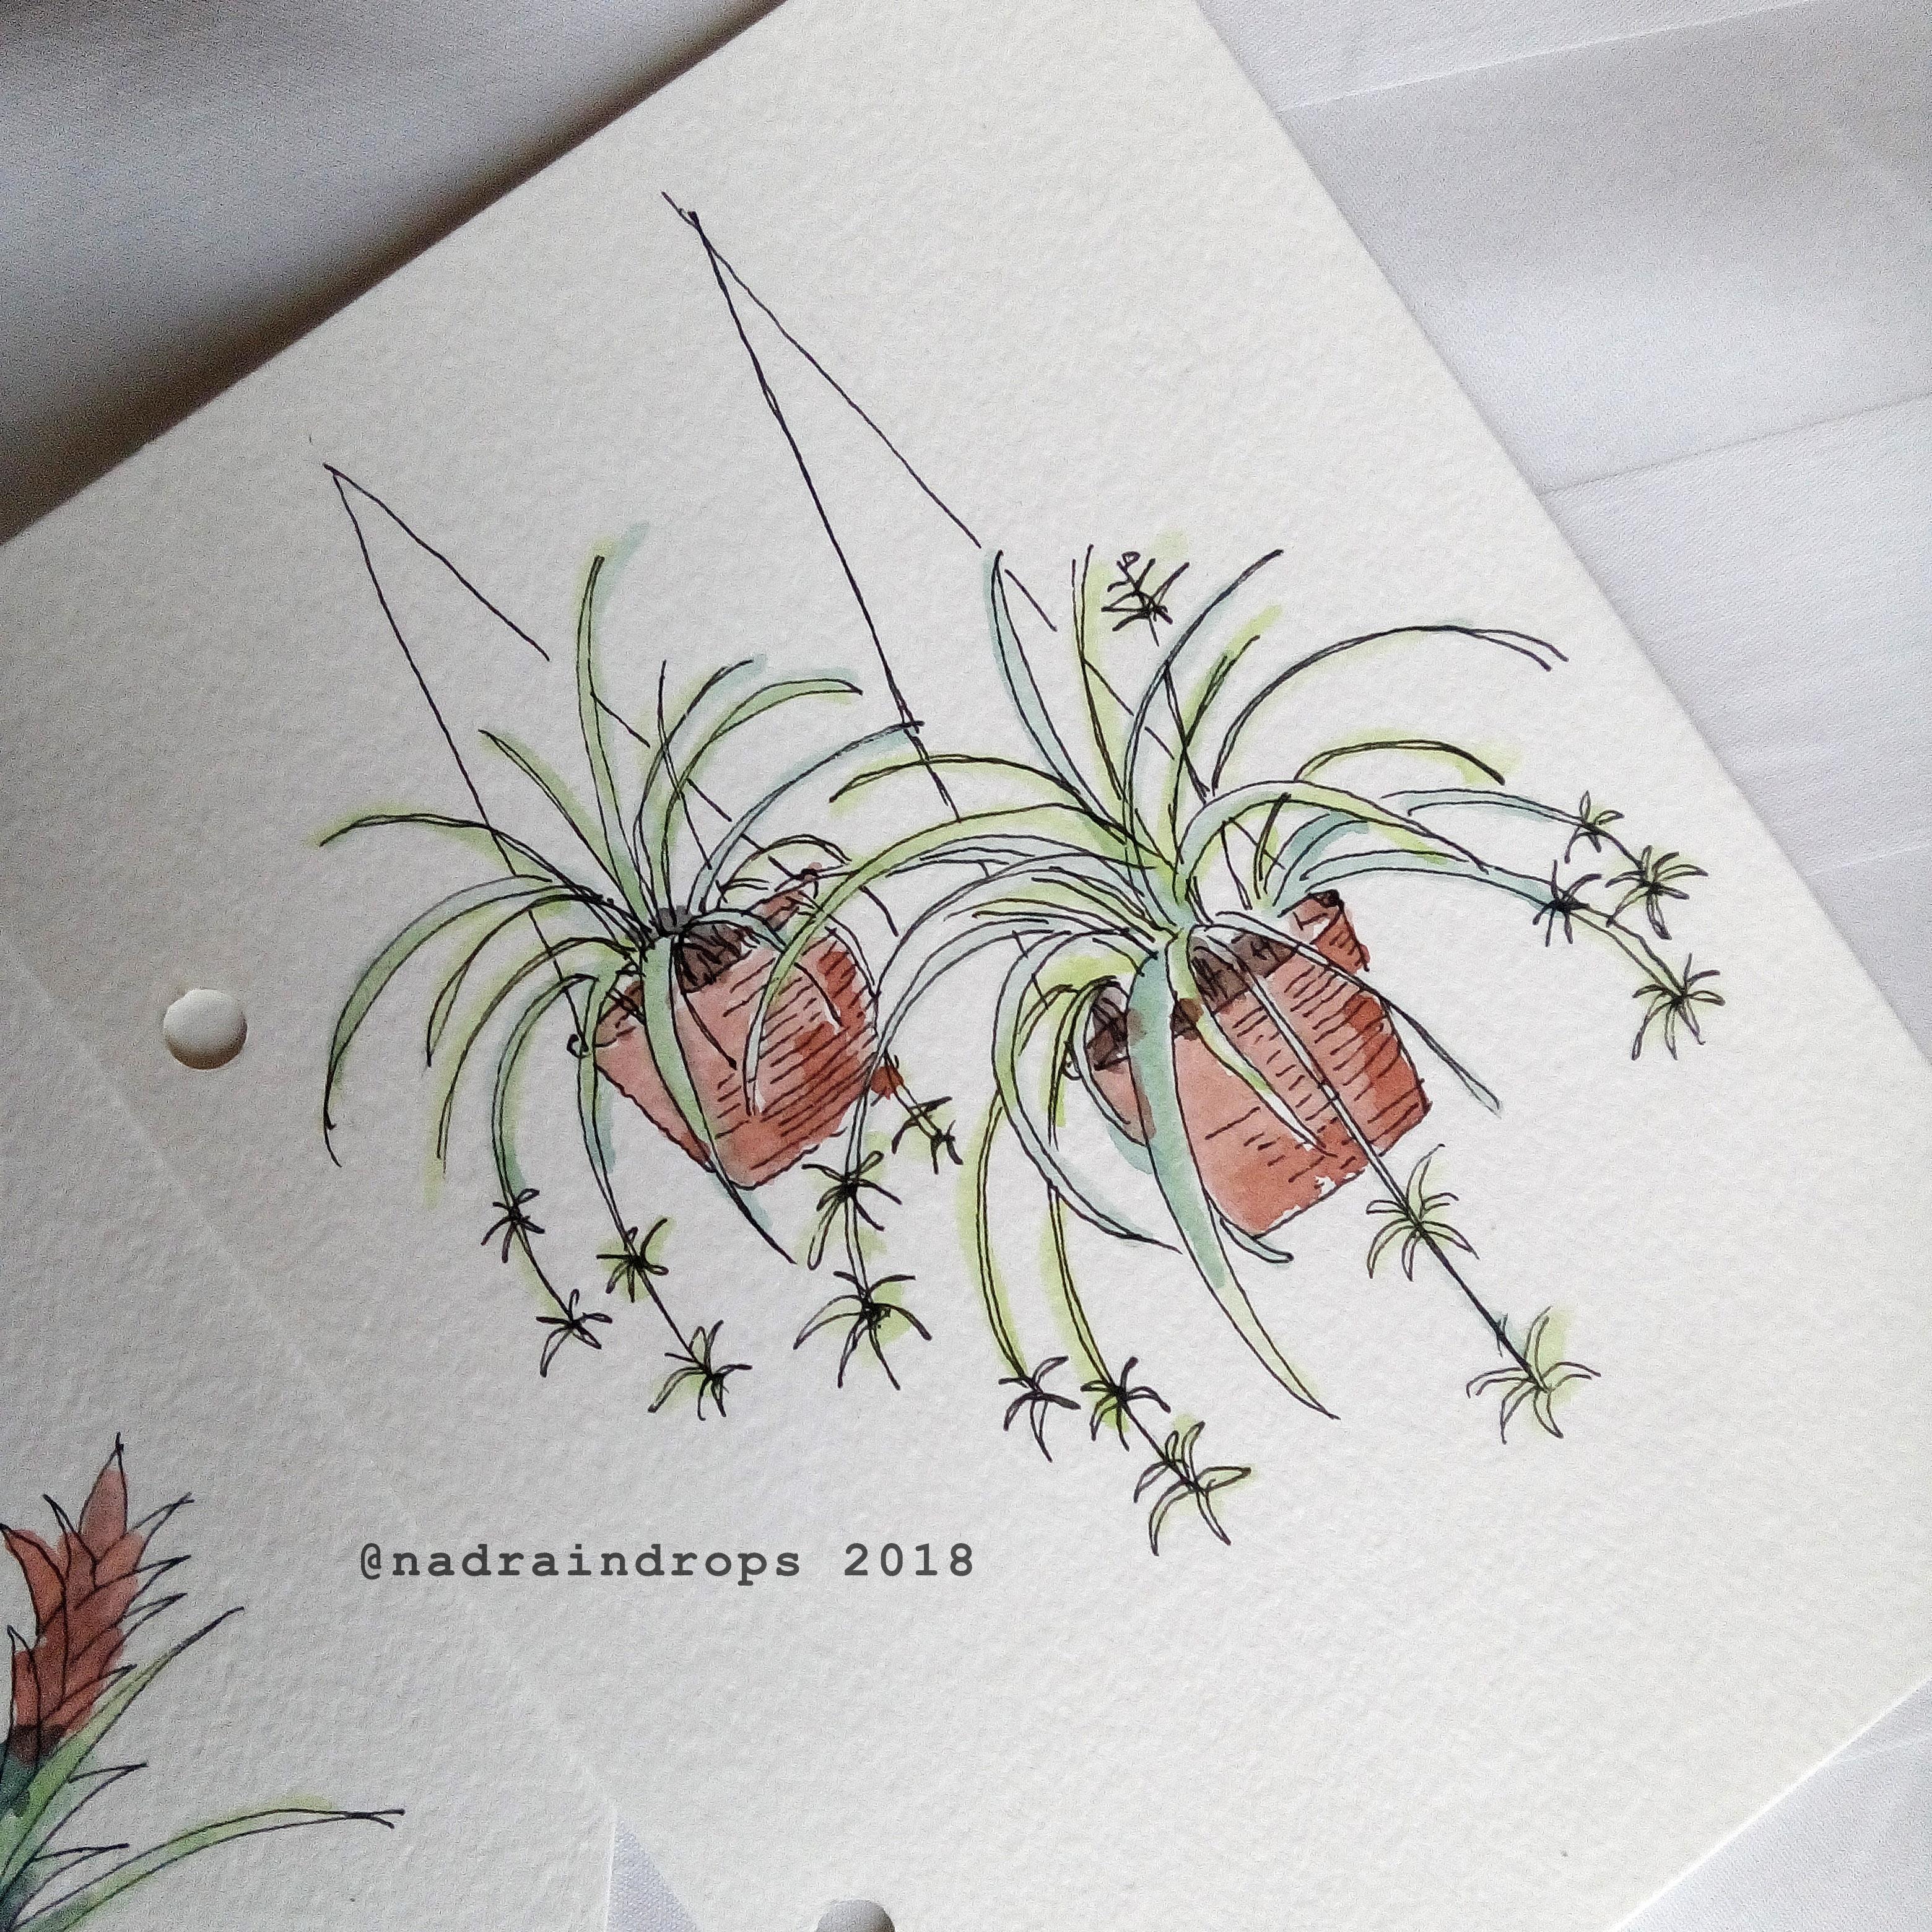 nadiya rahmah spider plants 2018